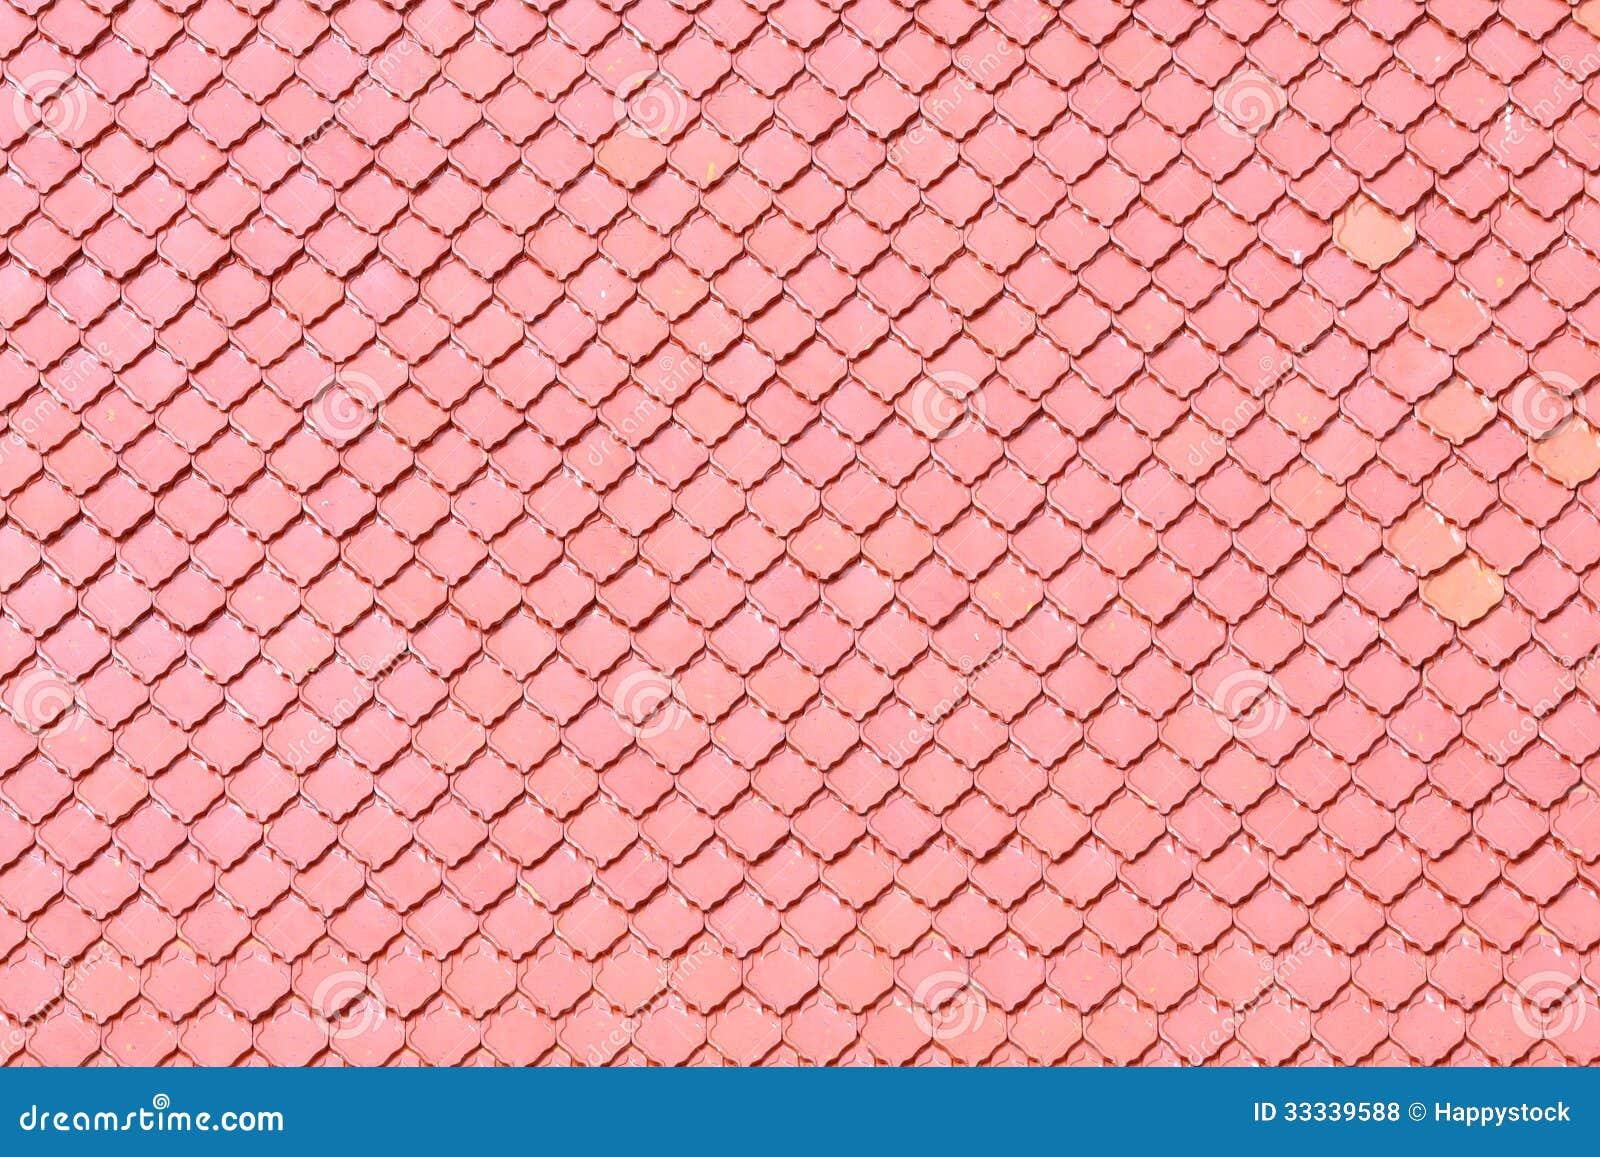 dachmuster stockfoto bild von orange haus dach au en 33339588. Black Bedroom Furniture Sets. Home Design Ideas